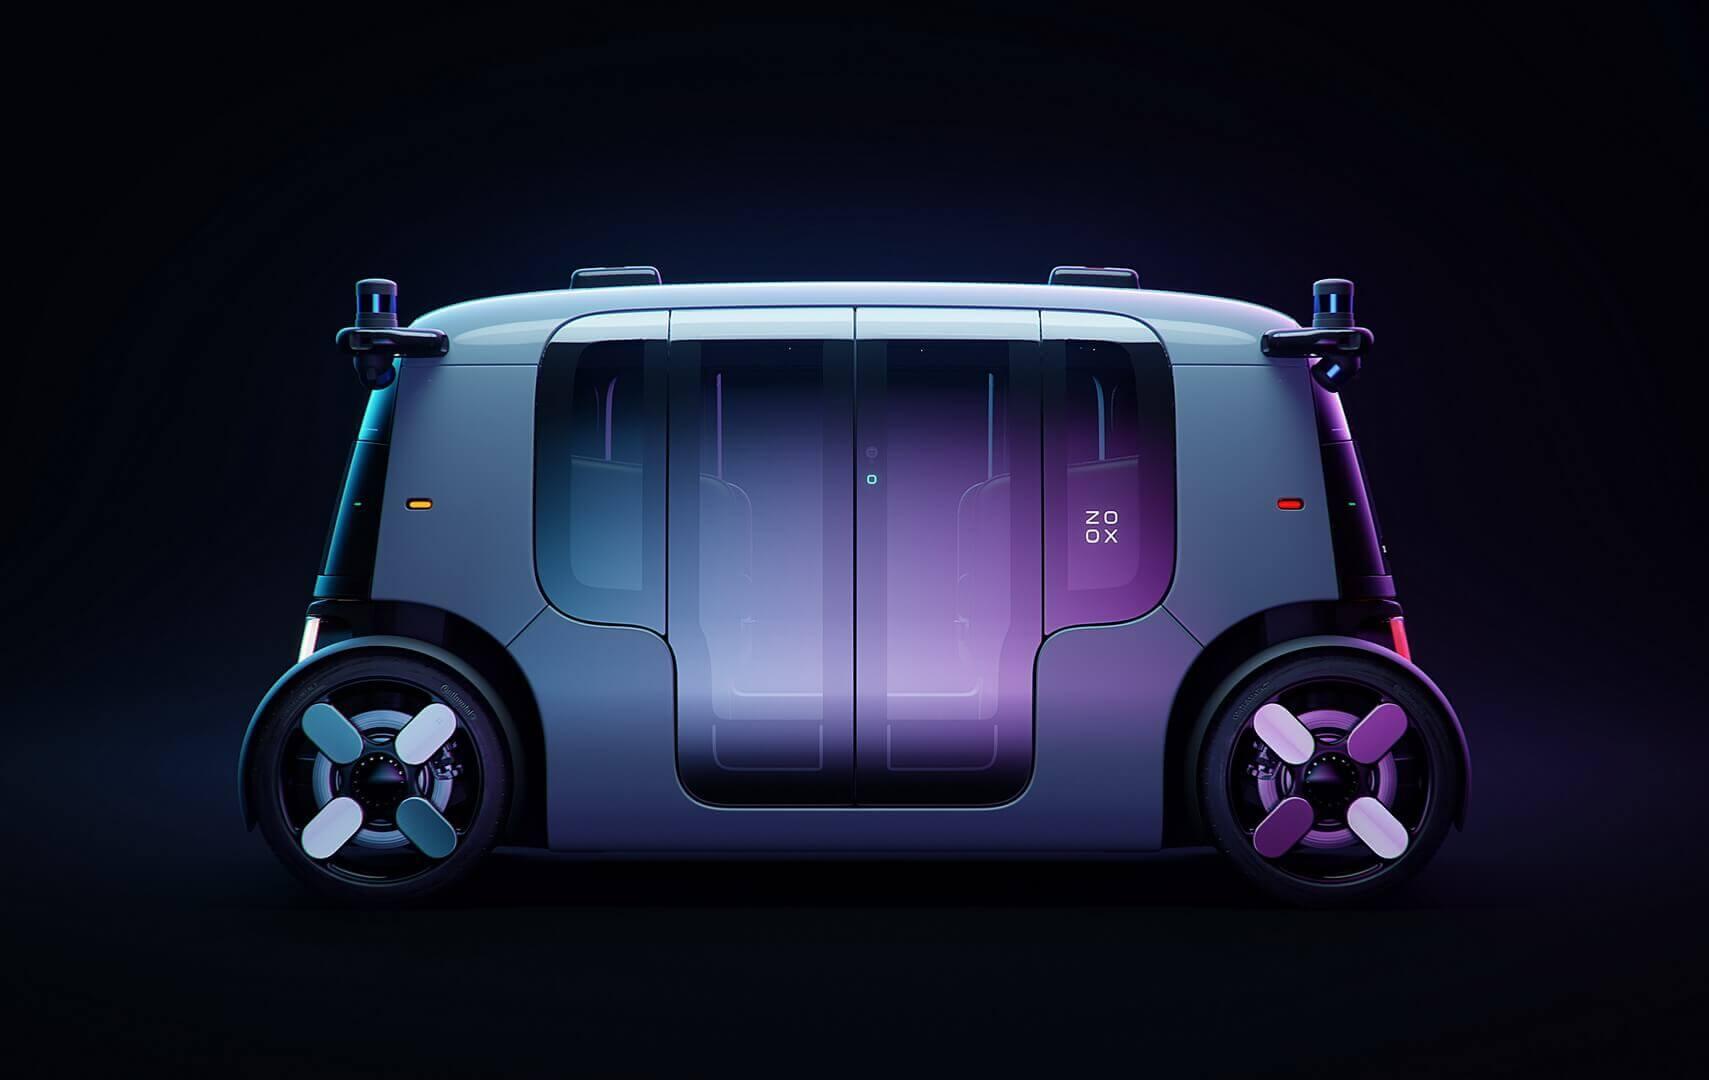 Zoox от Amazon представляет роботакси для будущего сервиса по вызову пассажиров